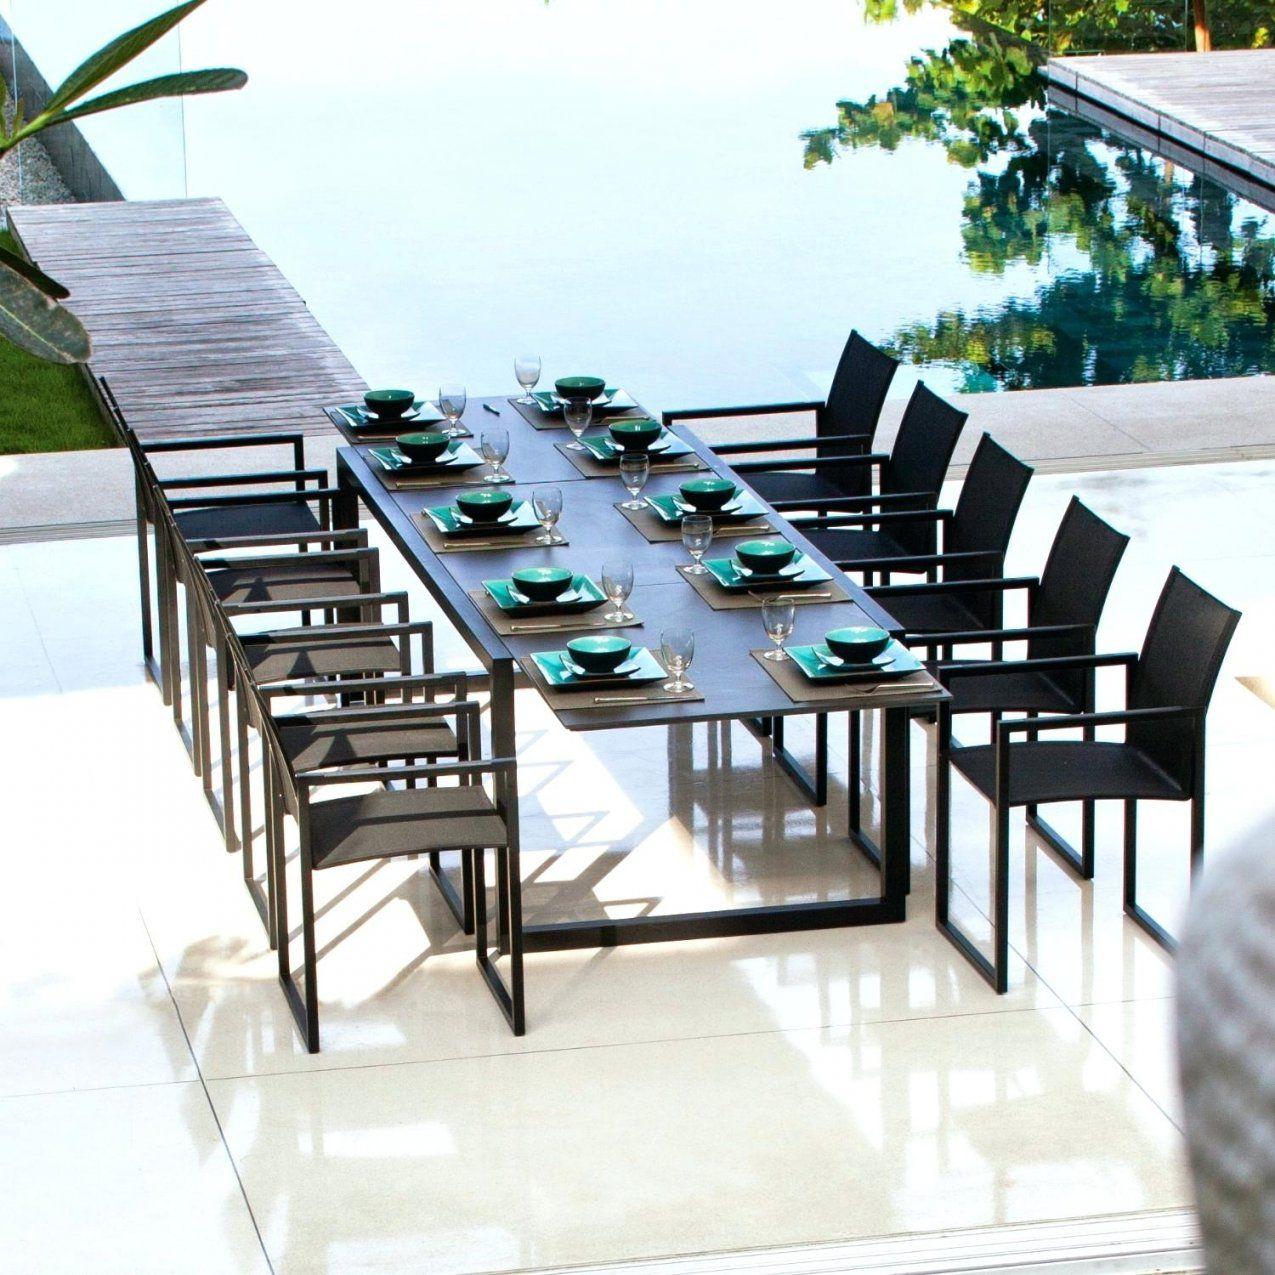 Zeitgenossisch Gartentisch 12 Personen Granit Gartentische Aus Von